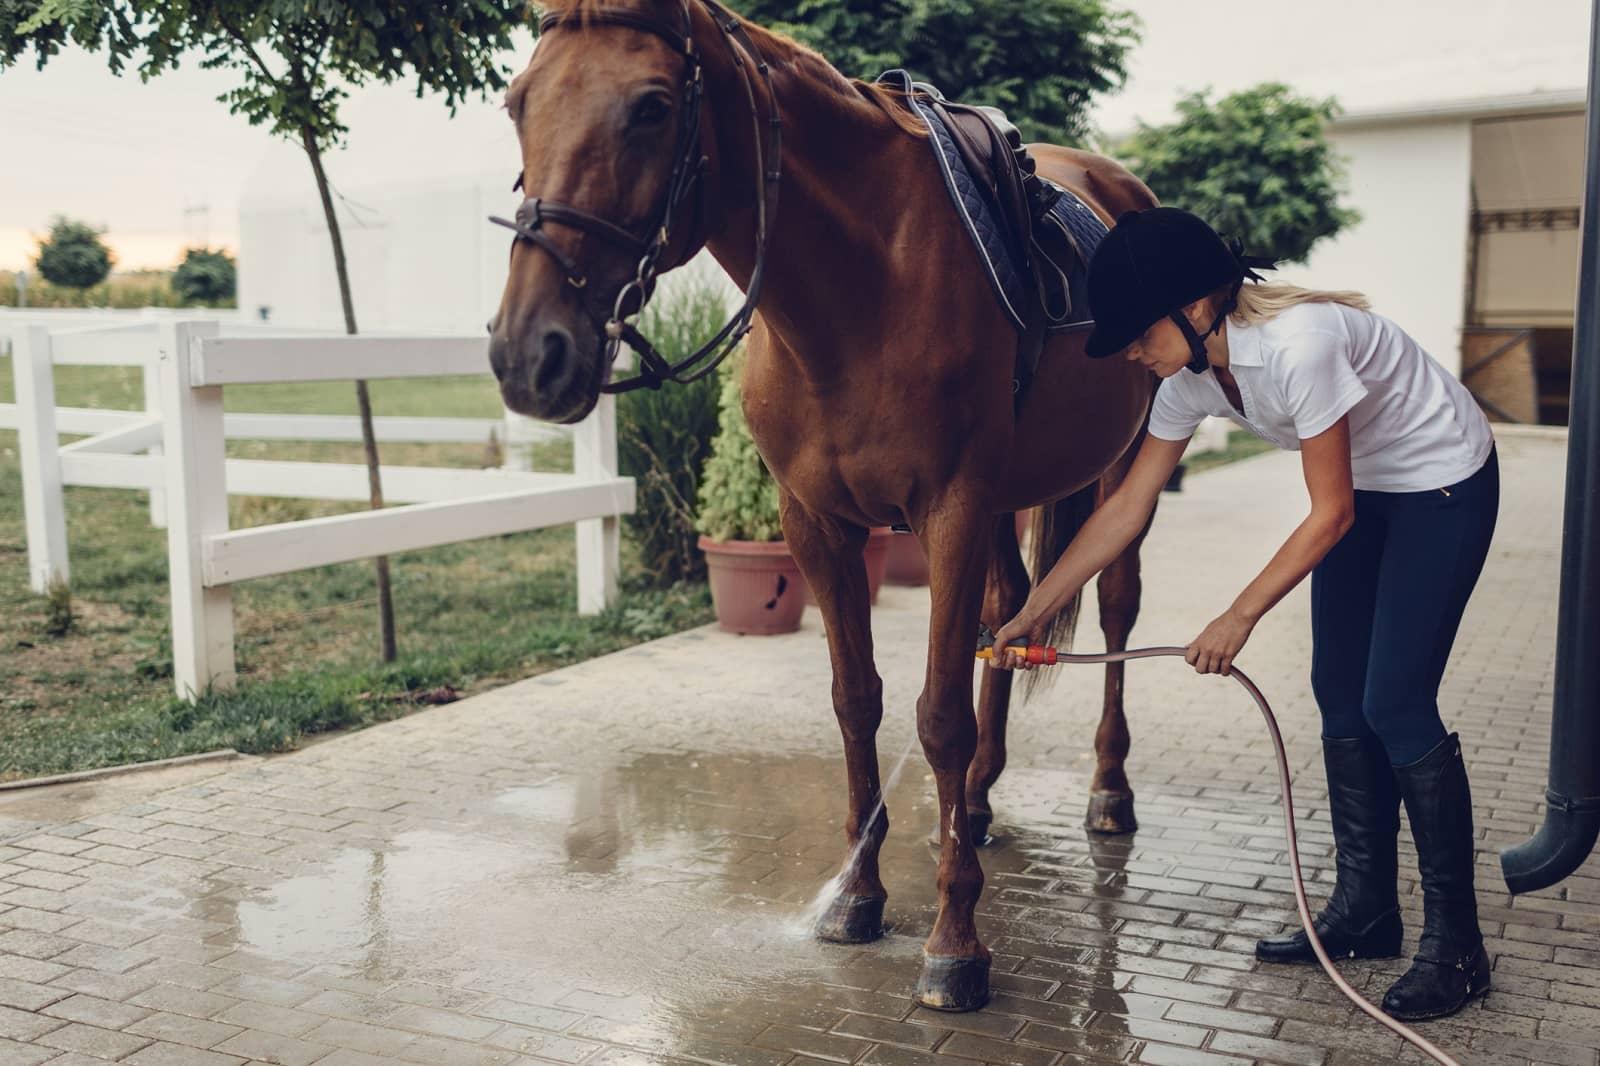 Girl combing horse